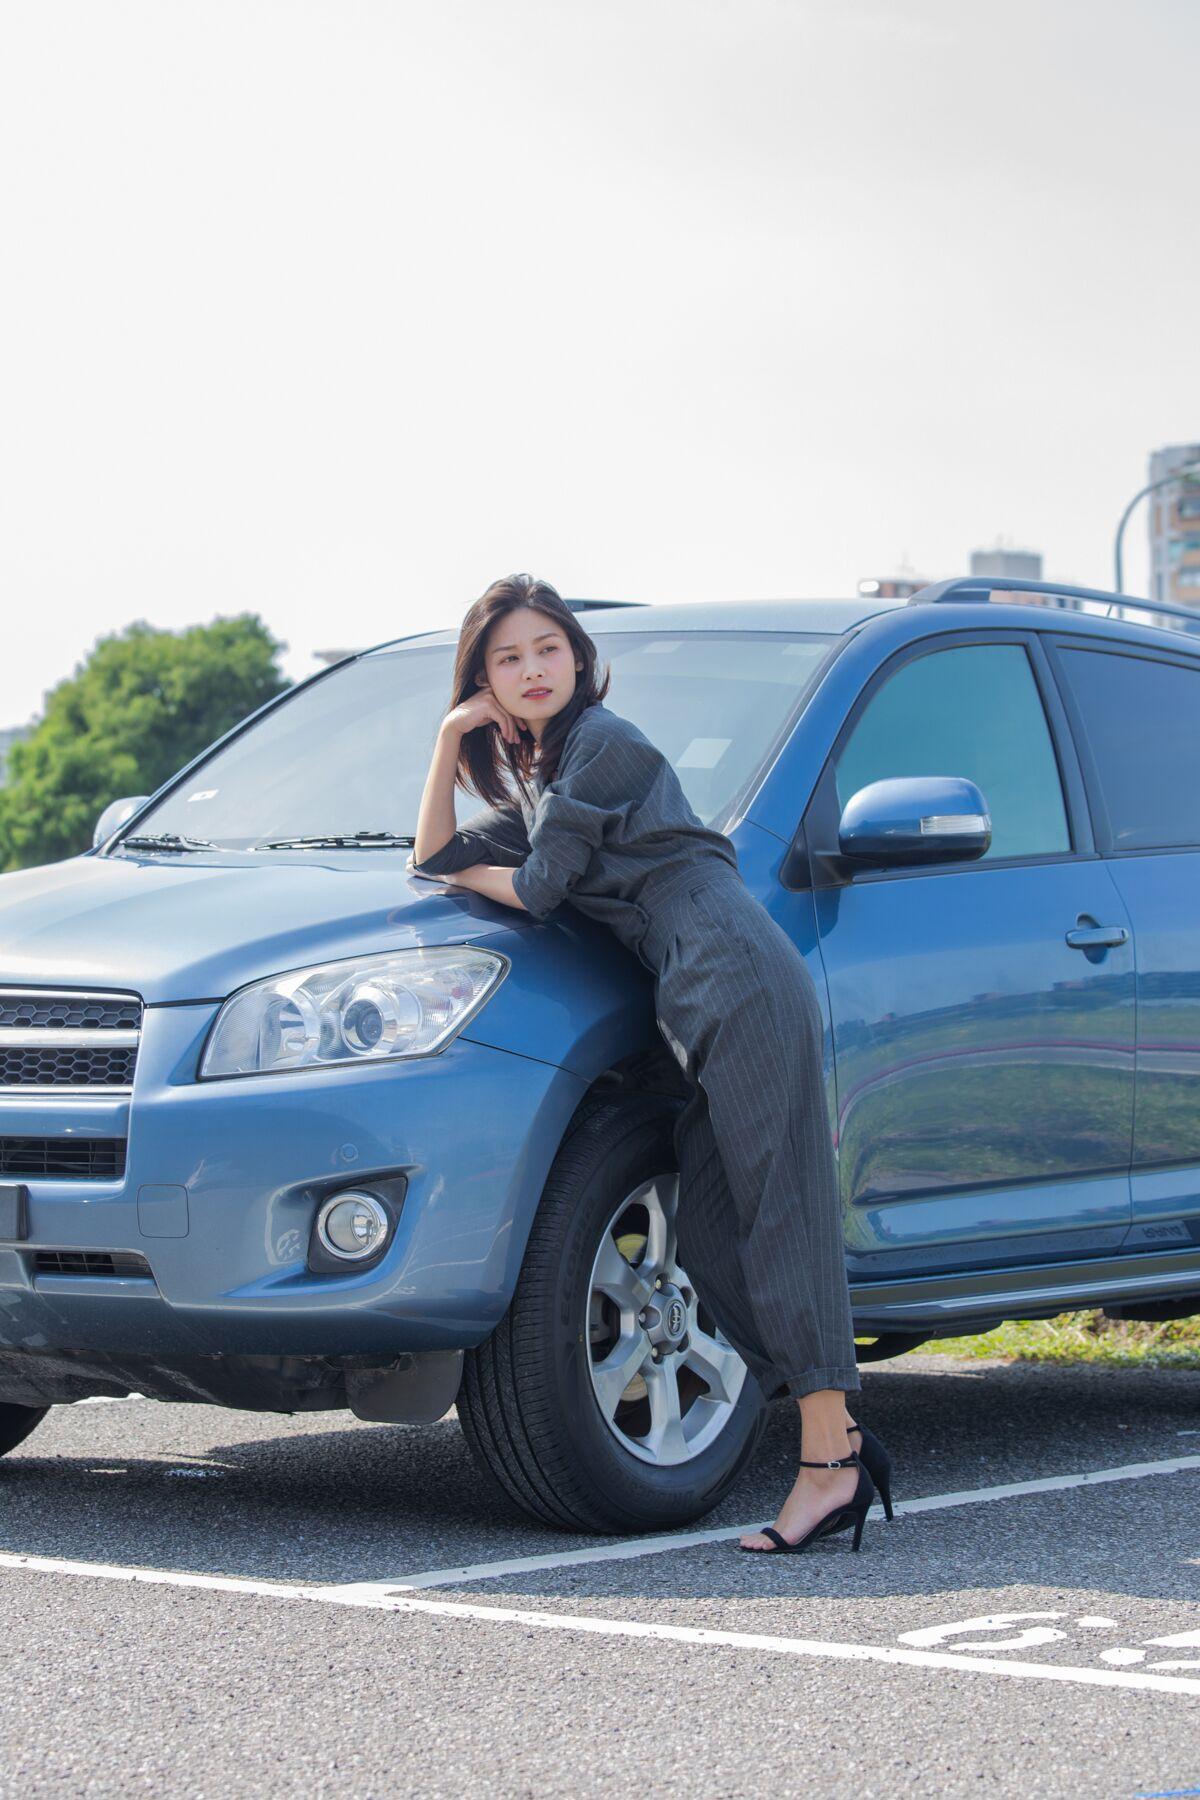 立琳覺得遇到行車糾紛 要懂得保護自己